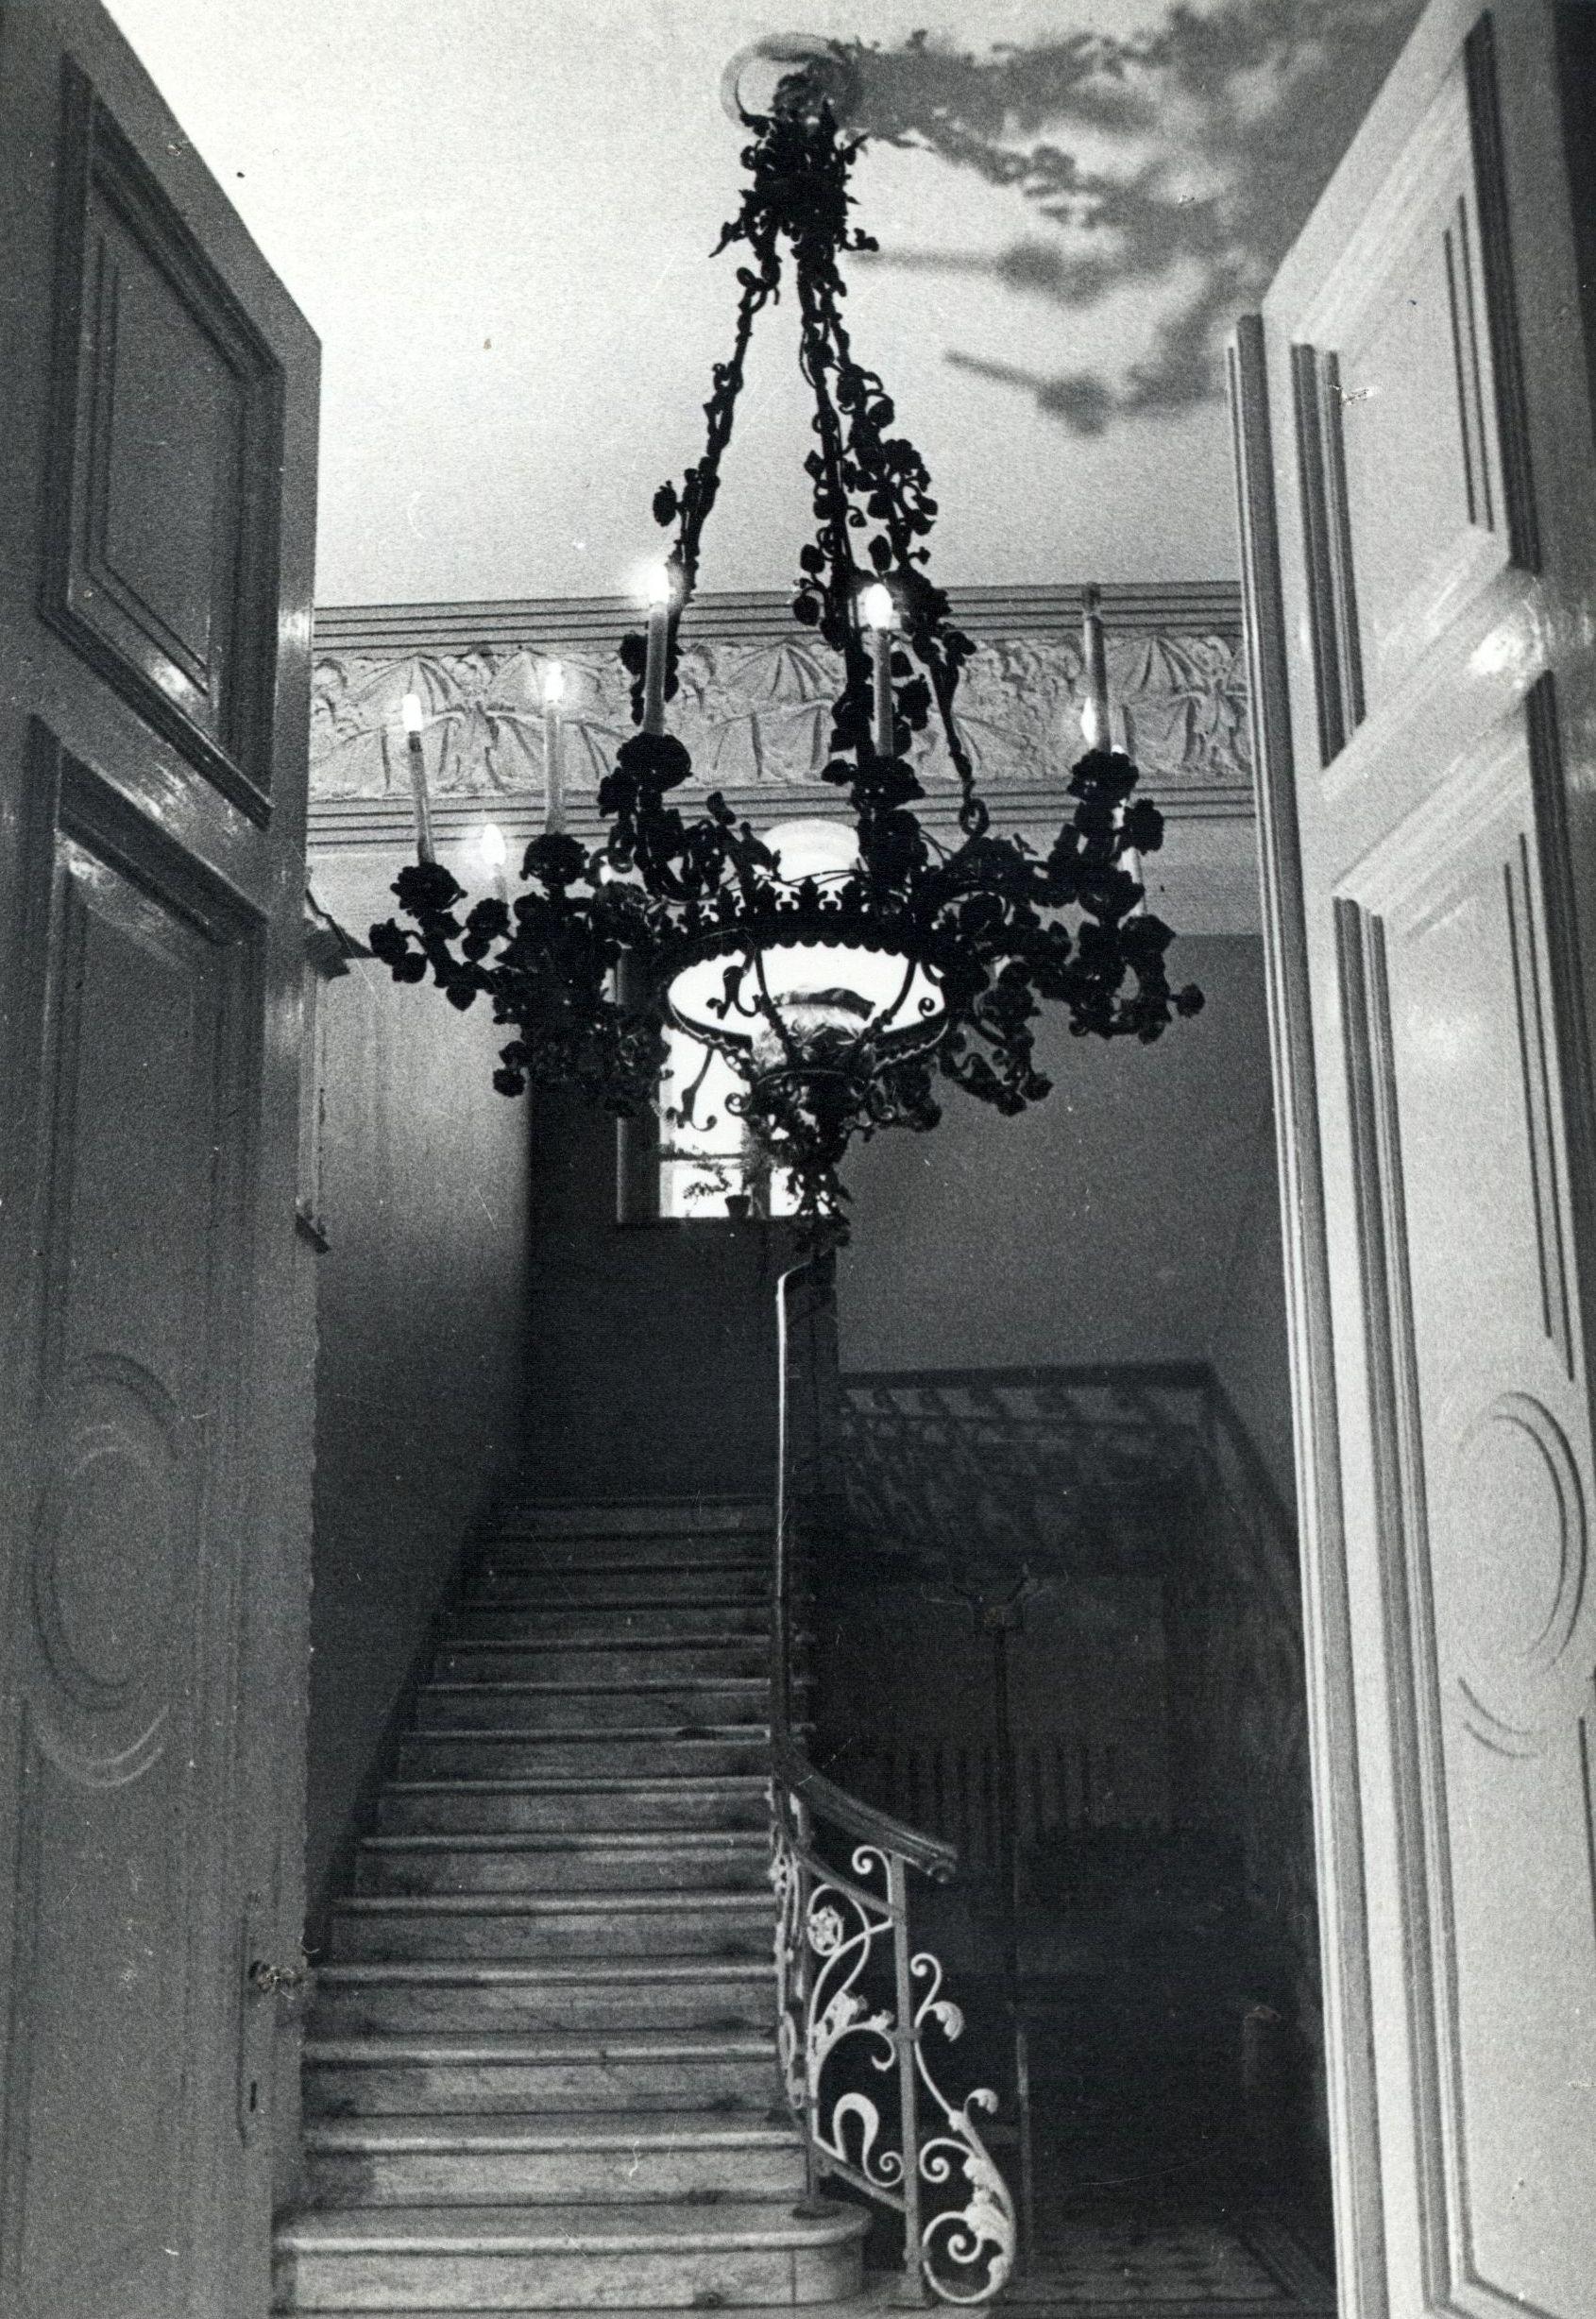 Chandelier at the P. Vileišis Palace. Photo by Juozas Grikienis, around 1950–1990, in: Lietuvių literatūros ir tautosakos institutas, 20759